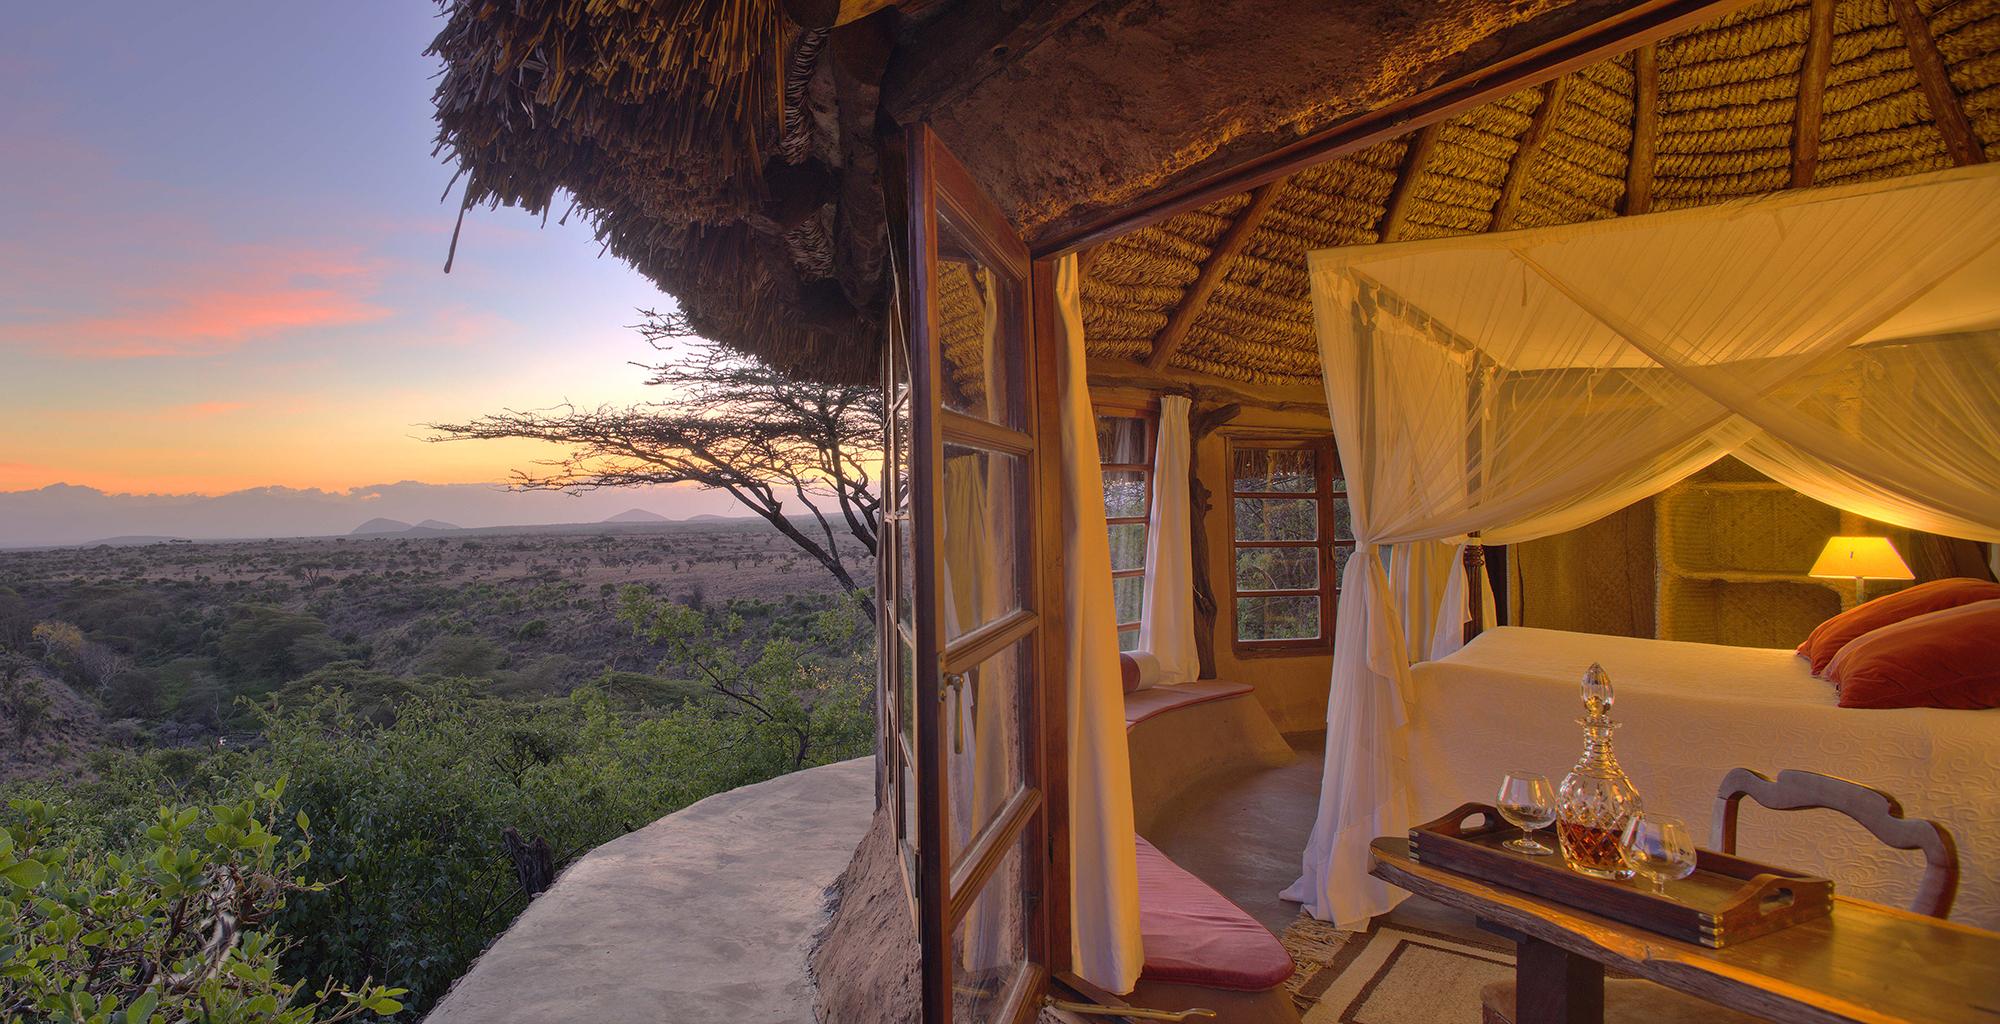 Kenya-Lewa-Wilderness-Bedroom-Deck